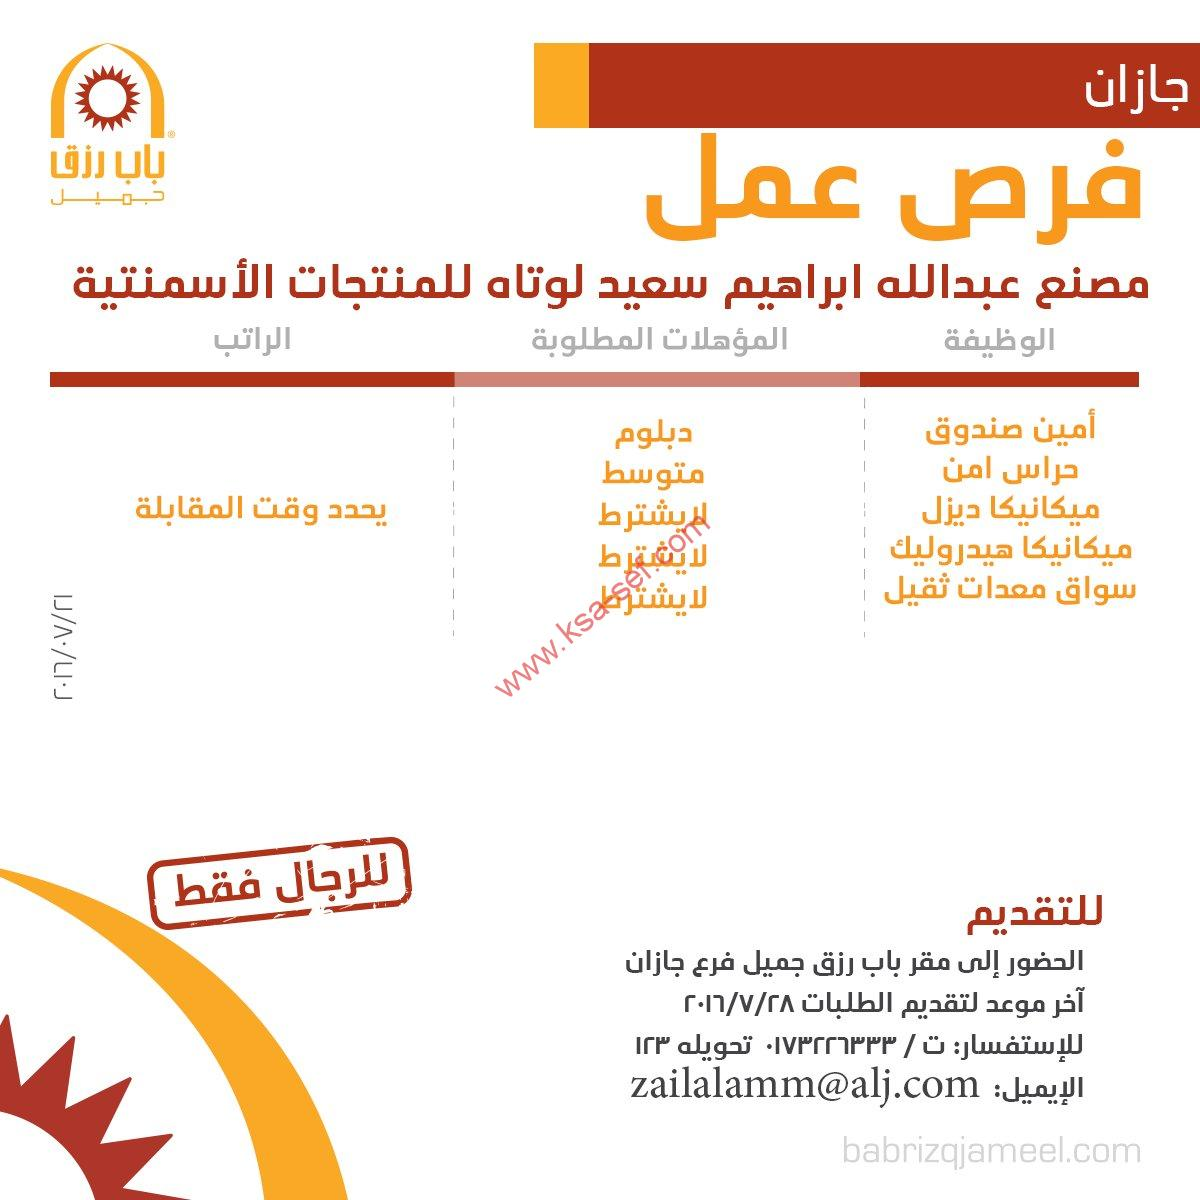 وظائف جازان - مصنع عبدلله ابراهيم سعيد للمنتجات الاسمنتية وظائف شاغرة